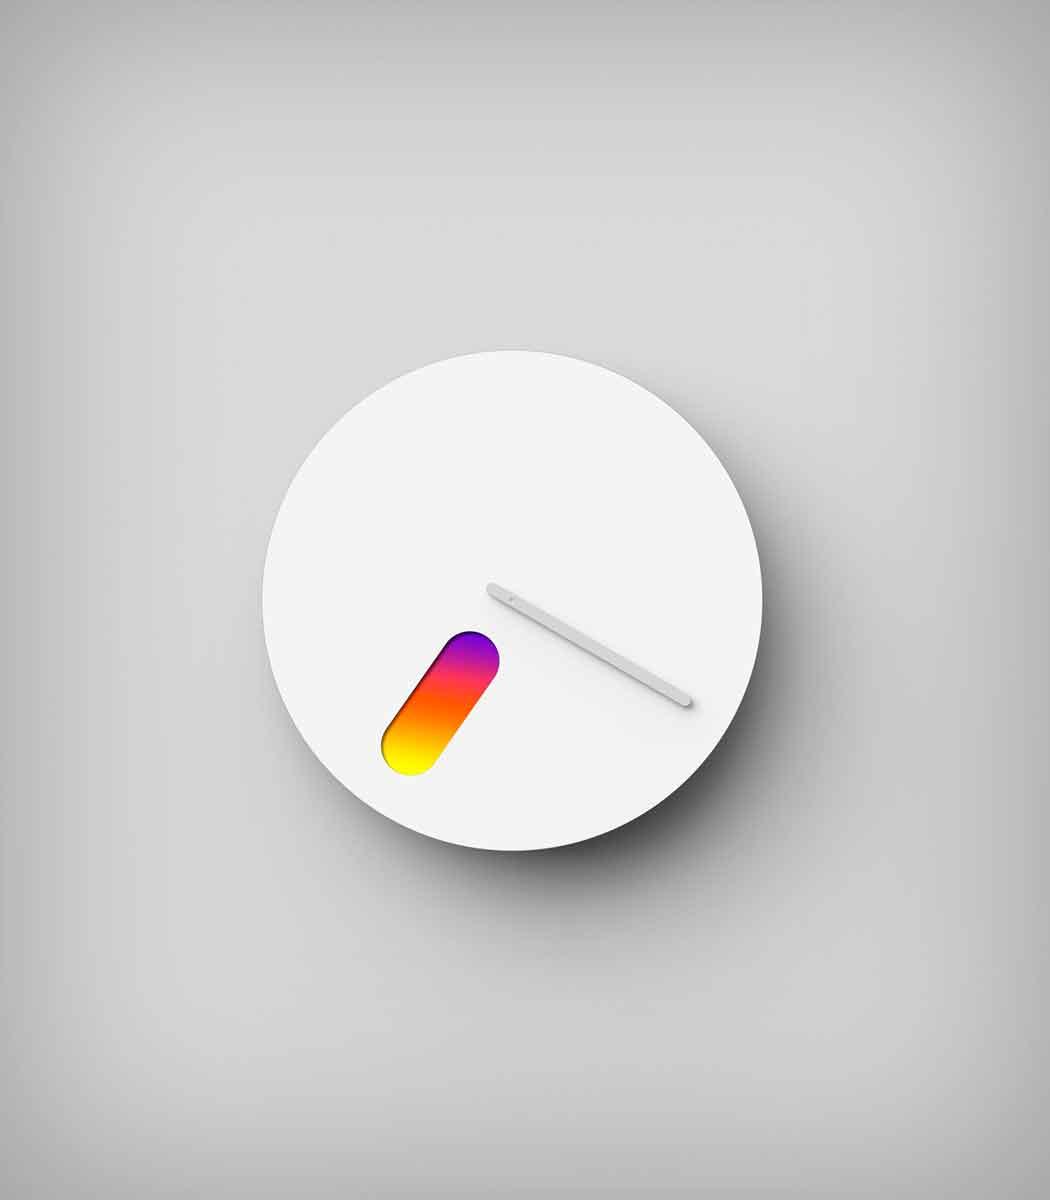 Какого цвета сейчас время?